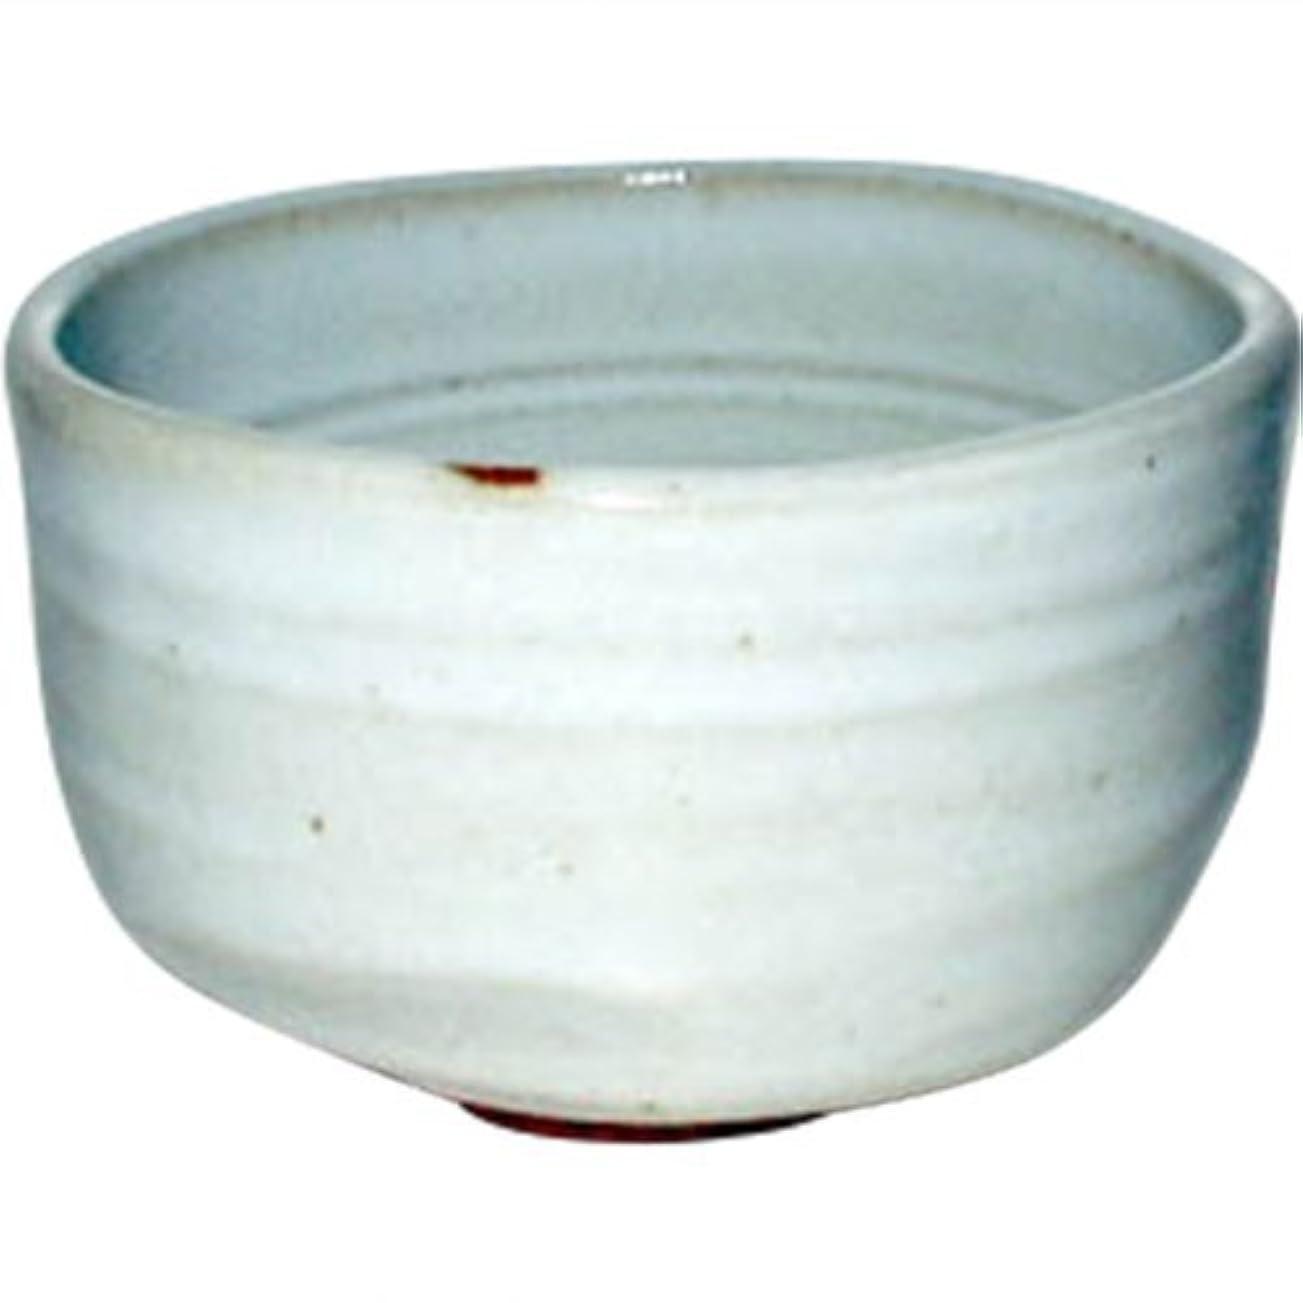 火炎丘インストール抹茶茶碗 : ワラ白 野点碗/有田焼 Japanese Soup bowl Pottery/Size(cm) Φ10.2x6.2/No:318507